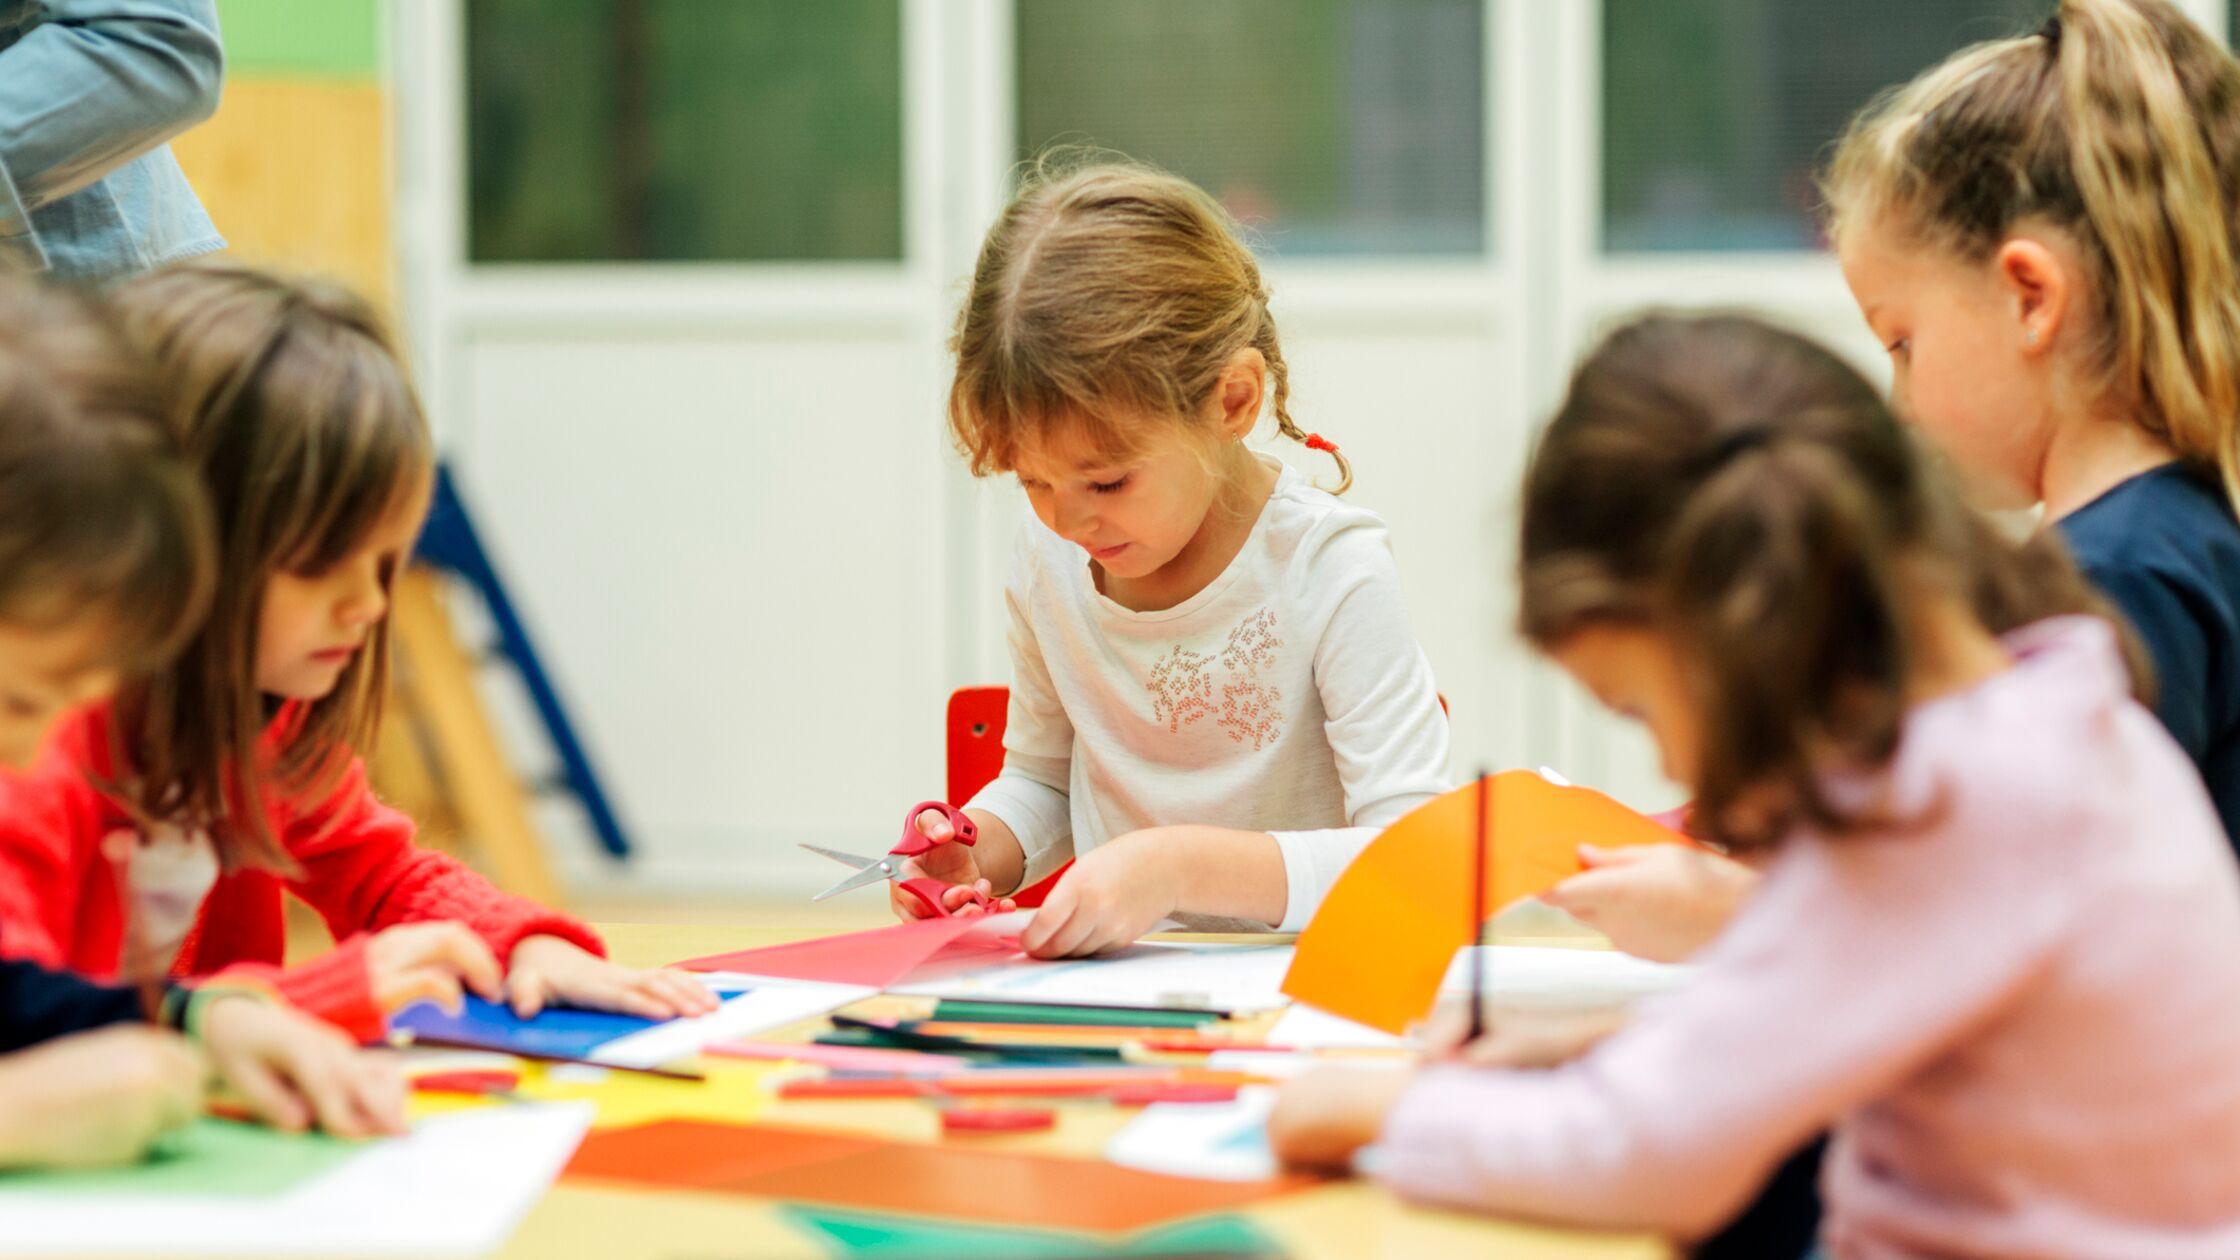 Kinder basteln im Kindergarten